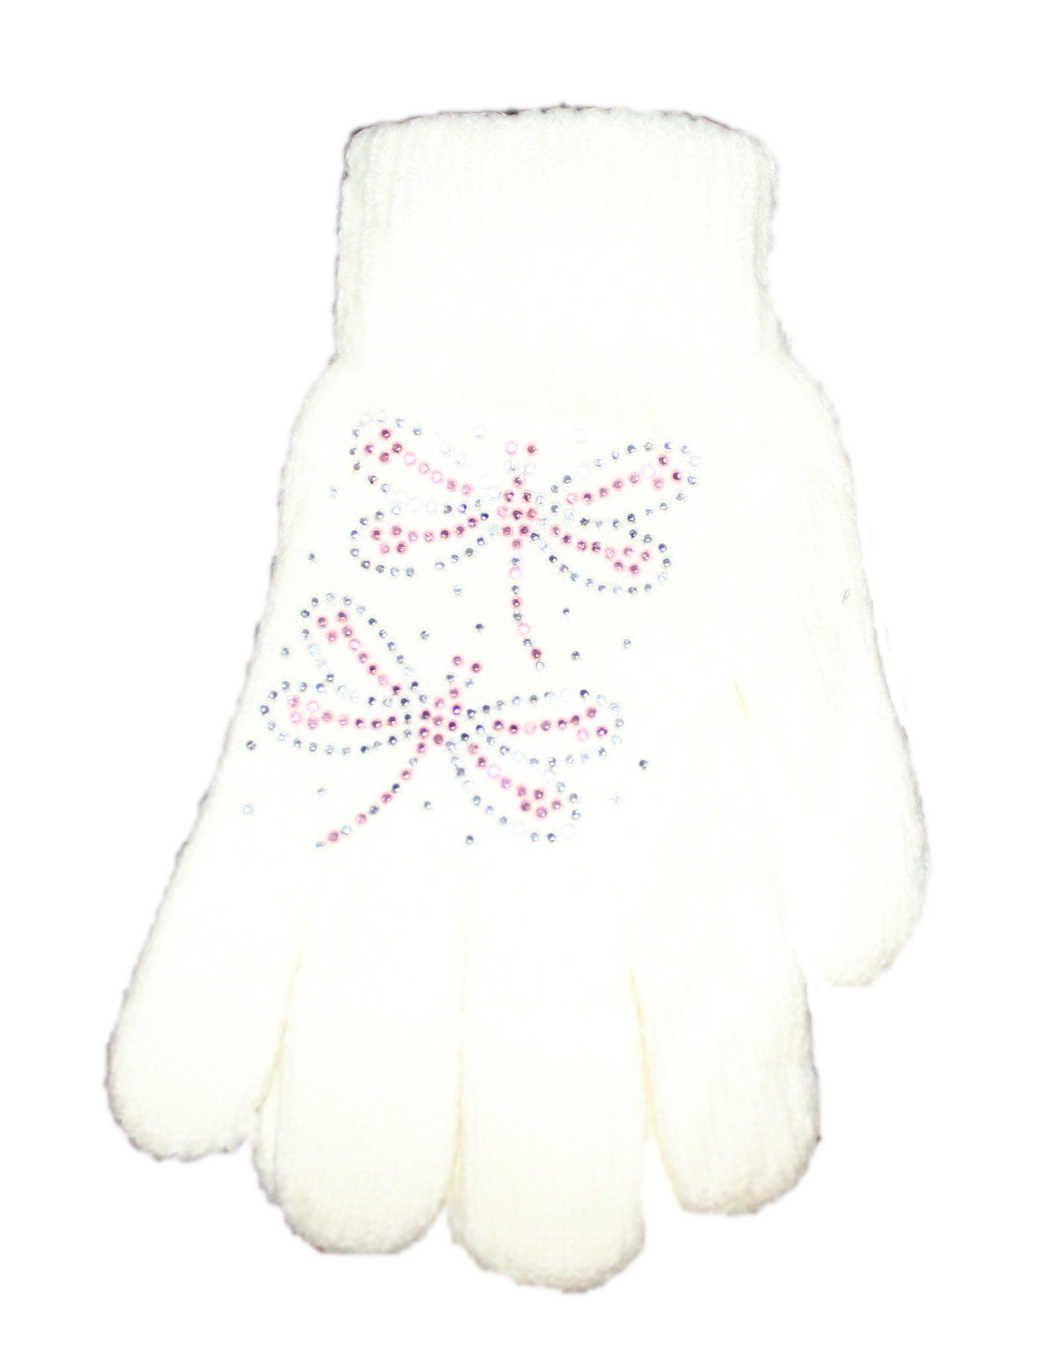 Dětské prstové rukavice, úpletové rukavice, dívčí rukavice Orchidej